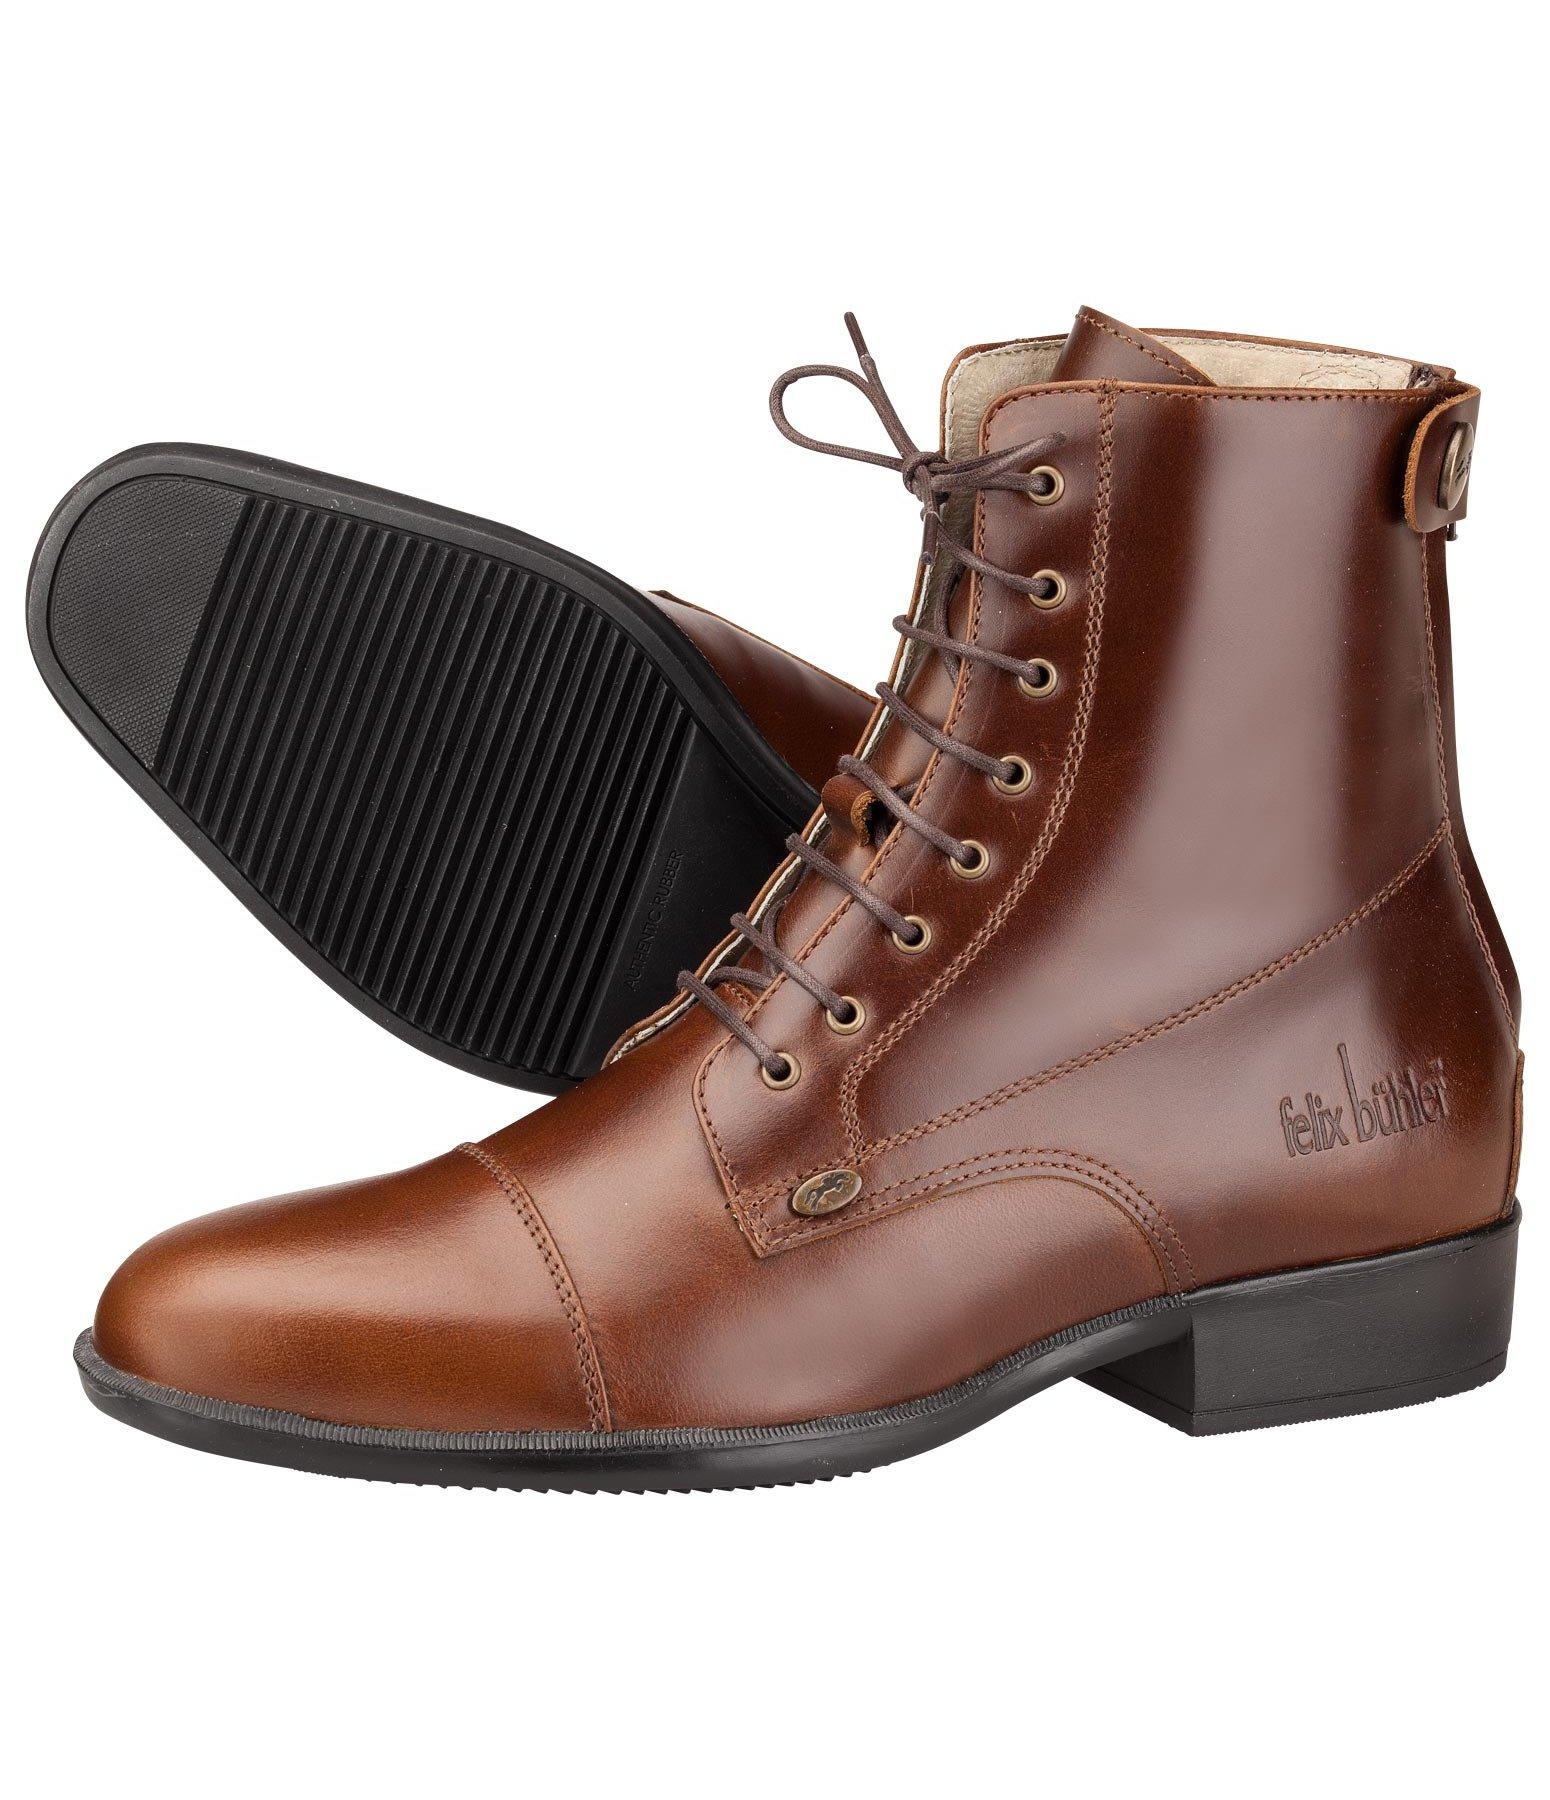 Paddock Boots Boots Torino Torino Boots Paddock Paddock Yf7gv6yb